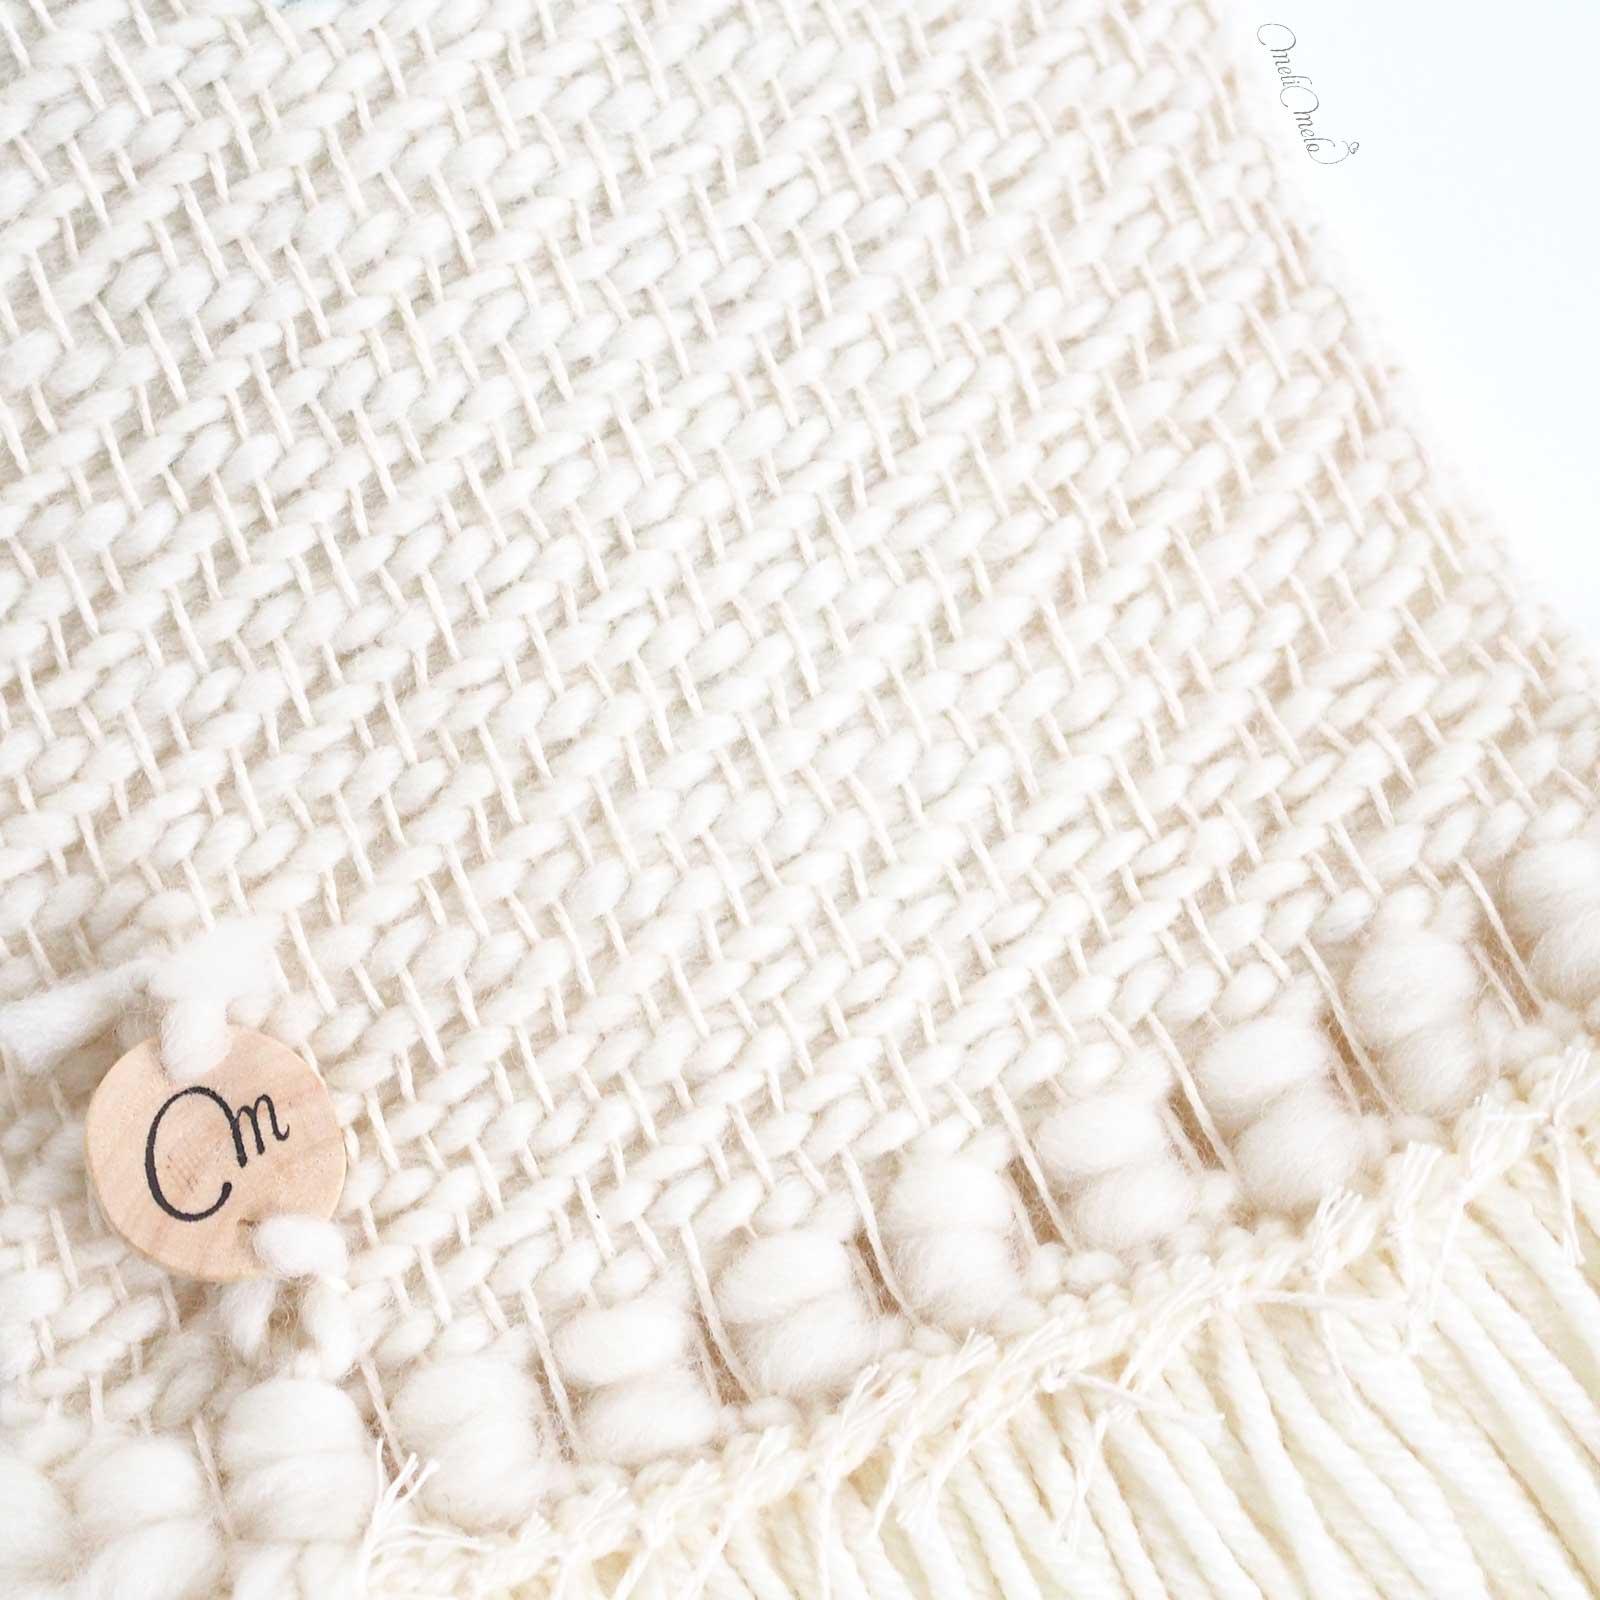 tissage mural laine détail sur l'envers laboutiquedemelimelo